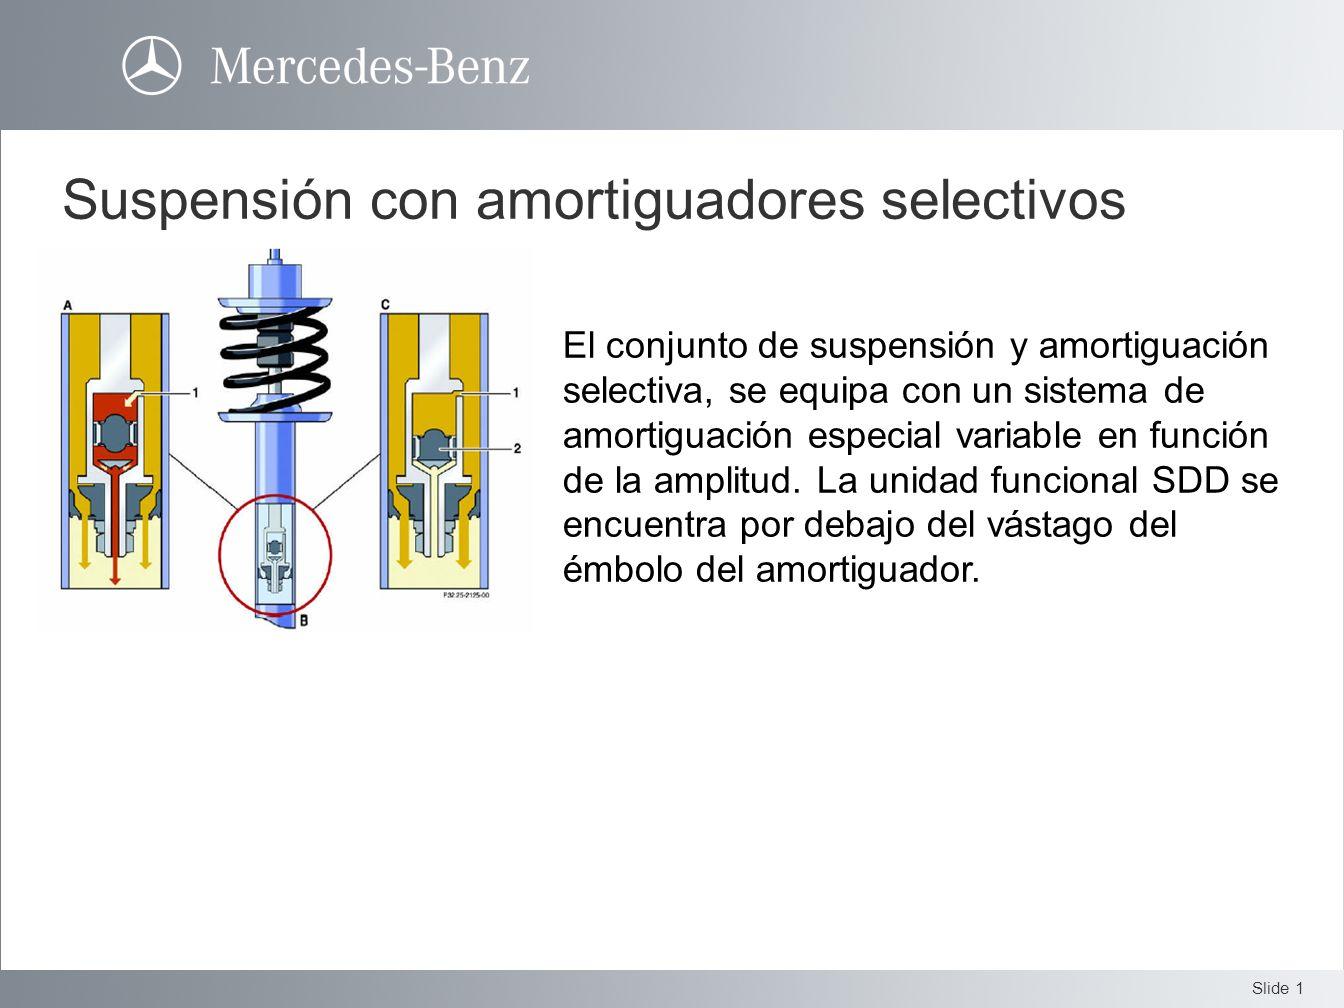 Slide 2 Suspensión AGILITY CONTROL El paquete AGILITY CONTROL de serie, compuesto por la dirección AGILITY CONTROL, el tren de rodaje AGILITY CONTROL con sistema de amortiguación selectivo y el cambio AGILITY CONTROL, que garantiza una adaptación excelente a las condiciones de la calzada